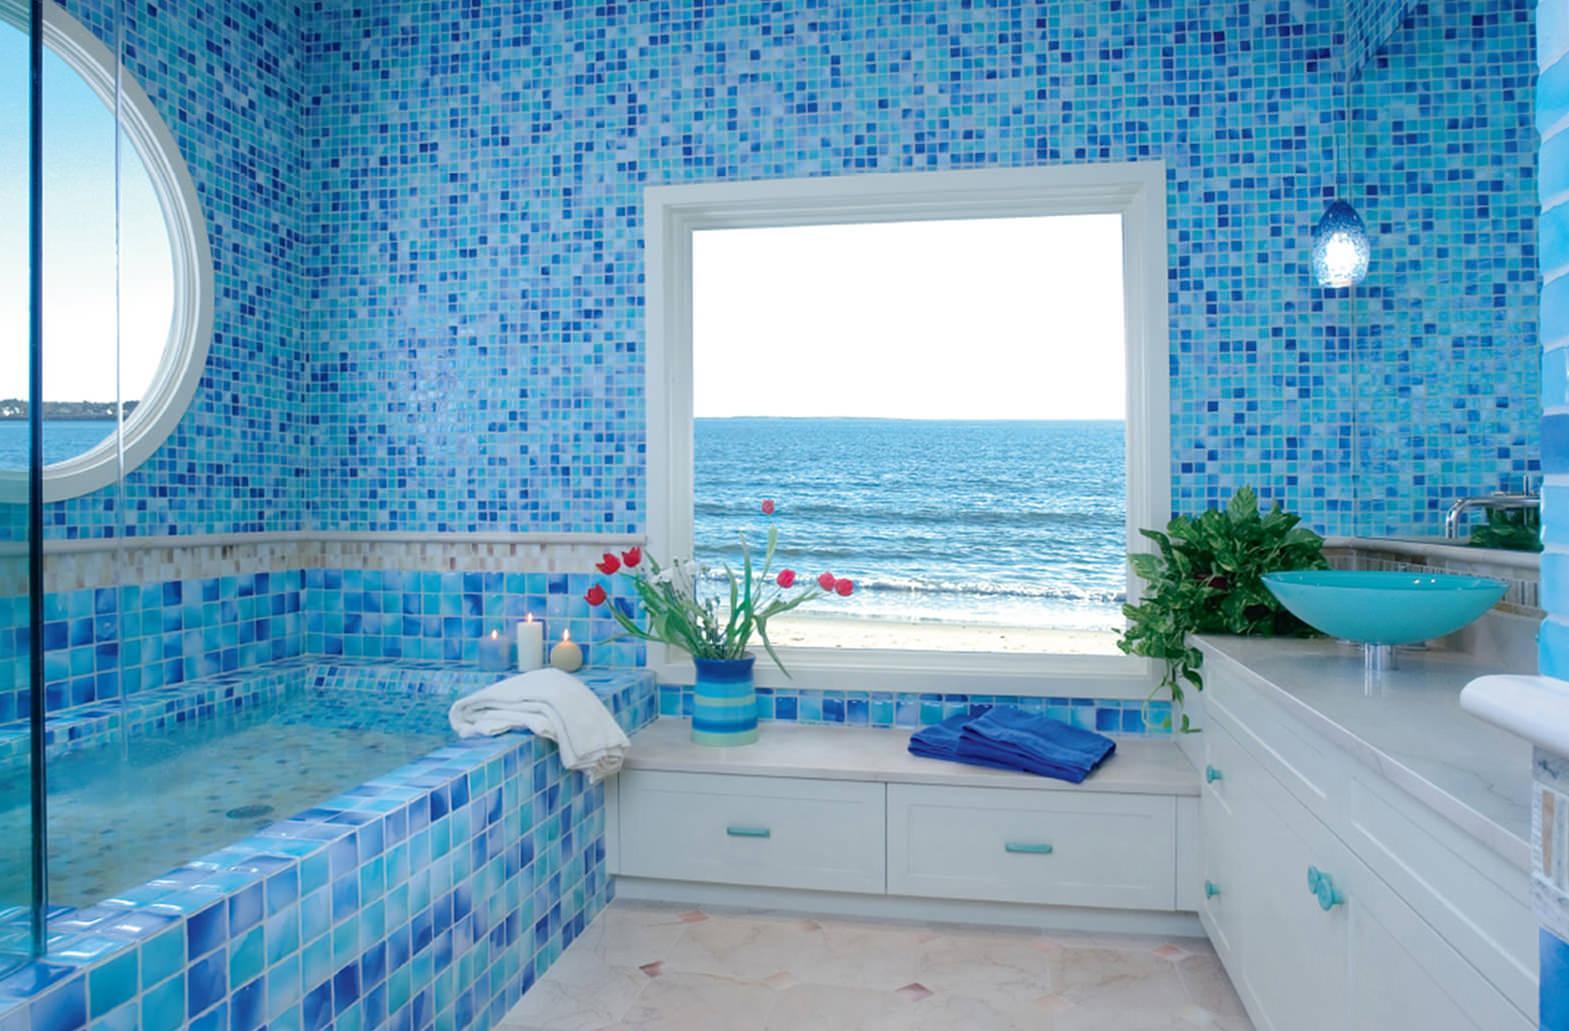 Мозаика и плитка в синих тонах в ванной в морском стиле